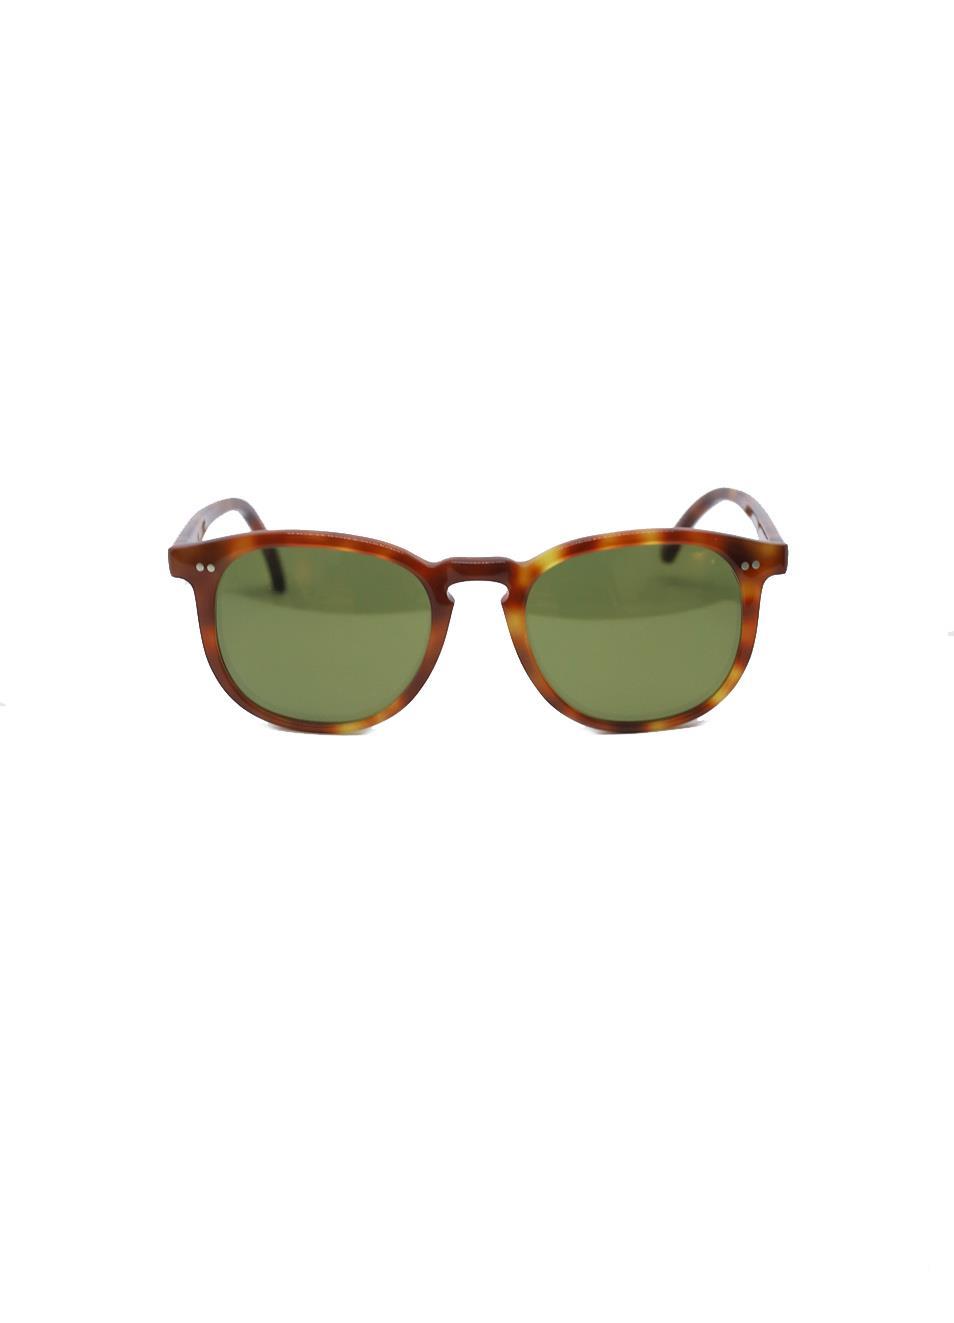 a basso prezzo 9c2bc 103b9 Occhiali da sole artigianali maculati satinati